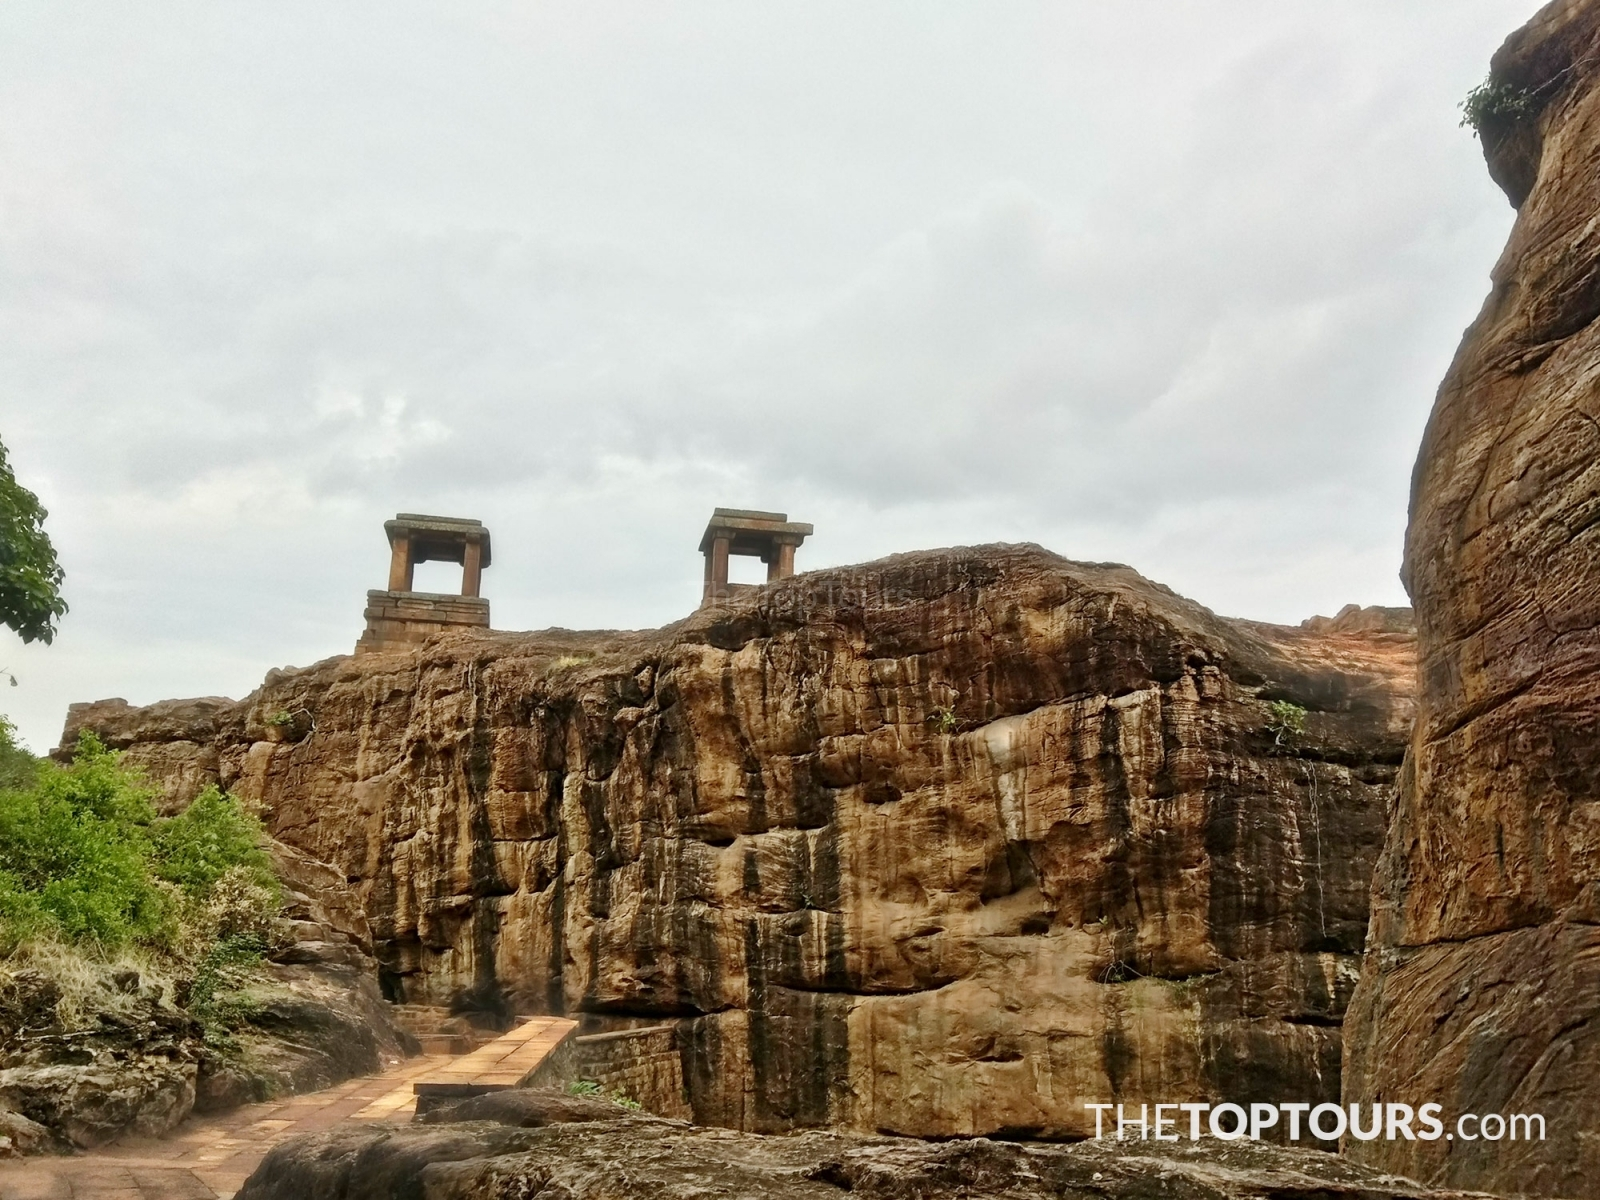 Areal View at Badami in Karnataka